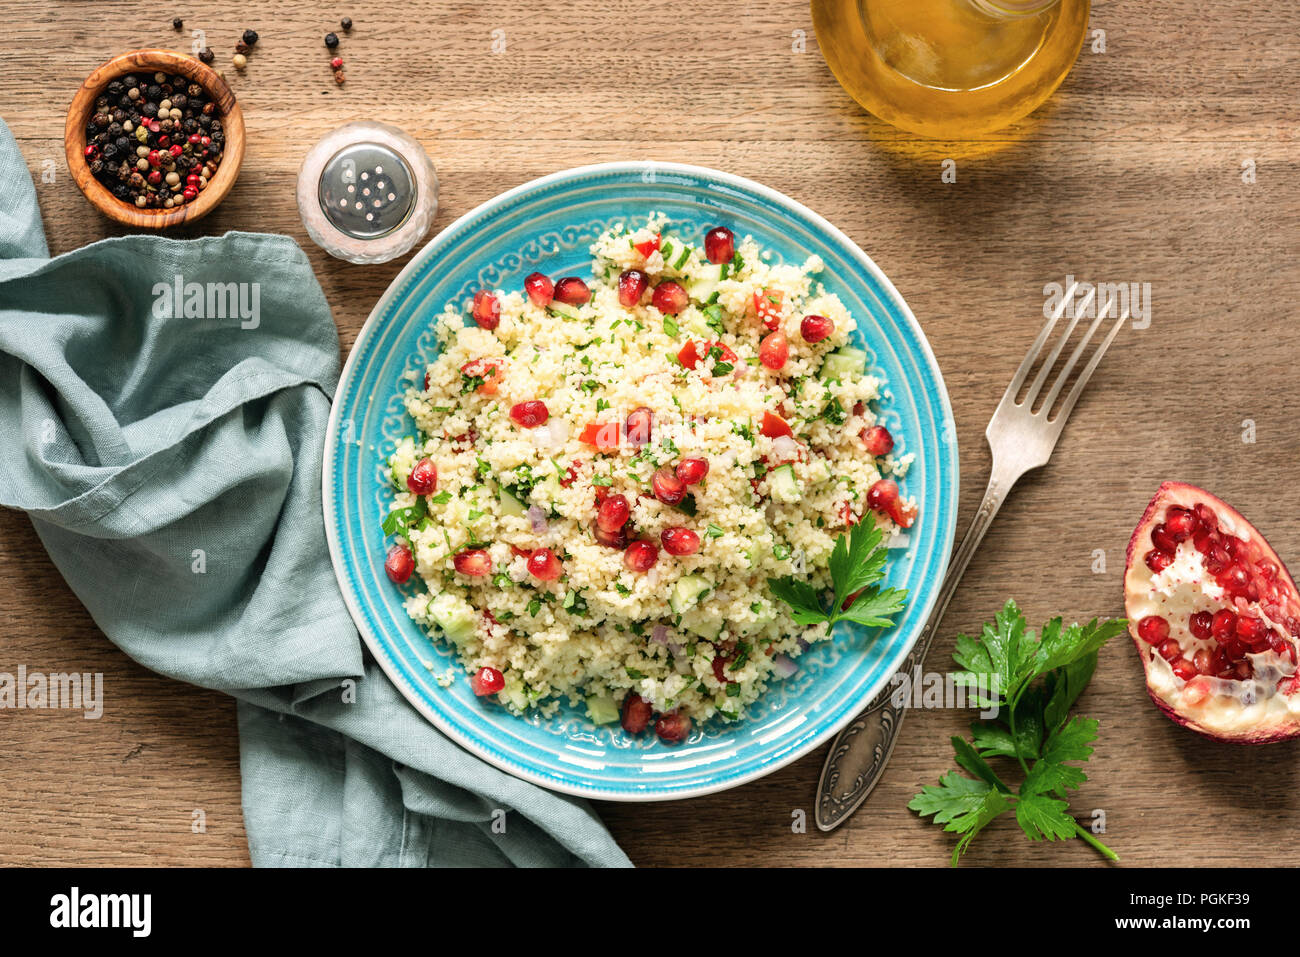 Couscous salat Tabbouleh mit Granatapfel Samen auf traditionellen türkis Platte serviert. Arabisches Essen Stockbild